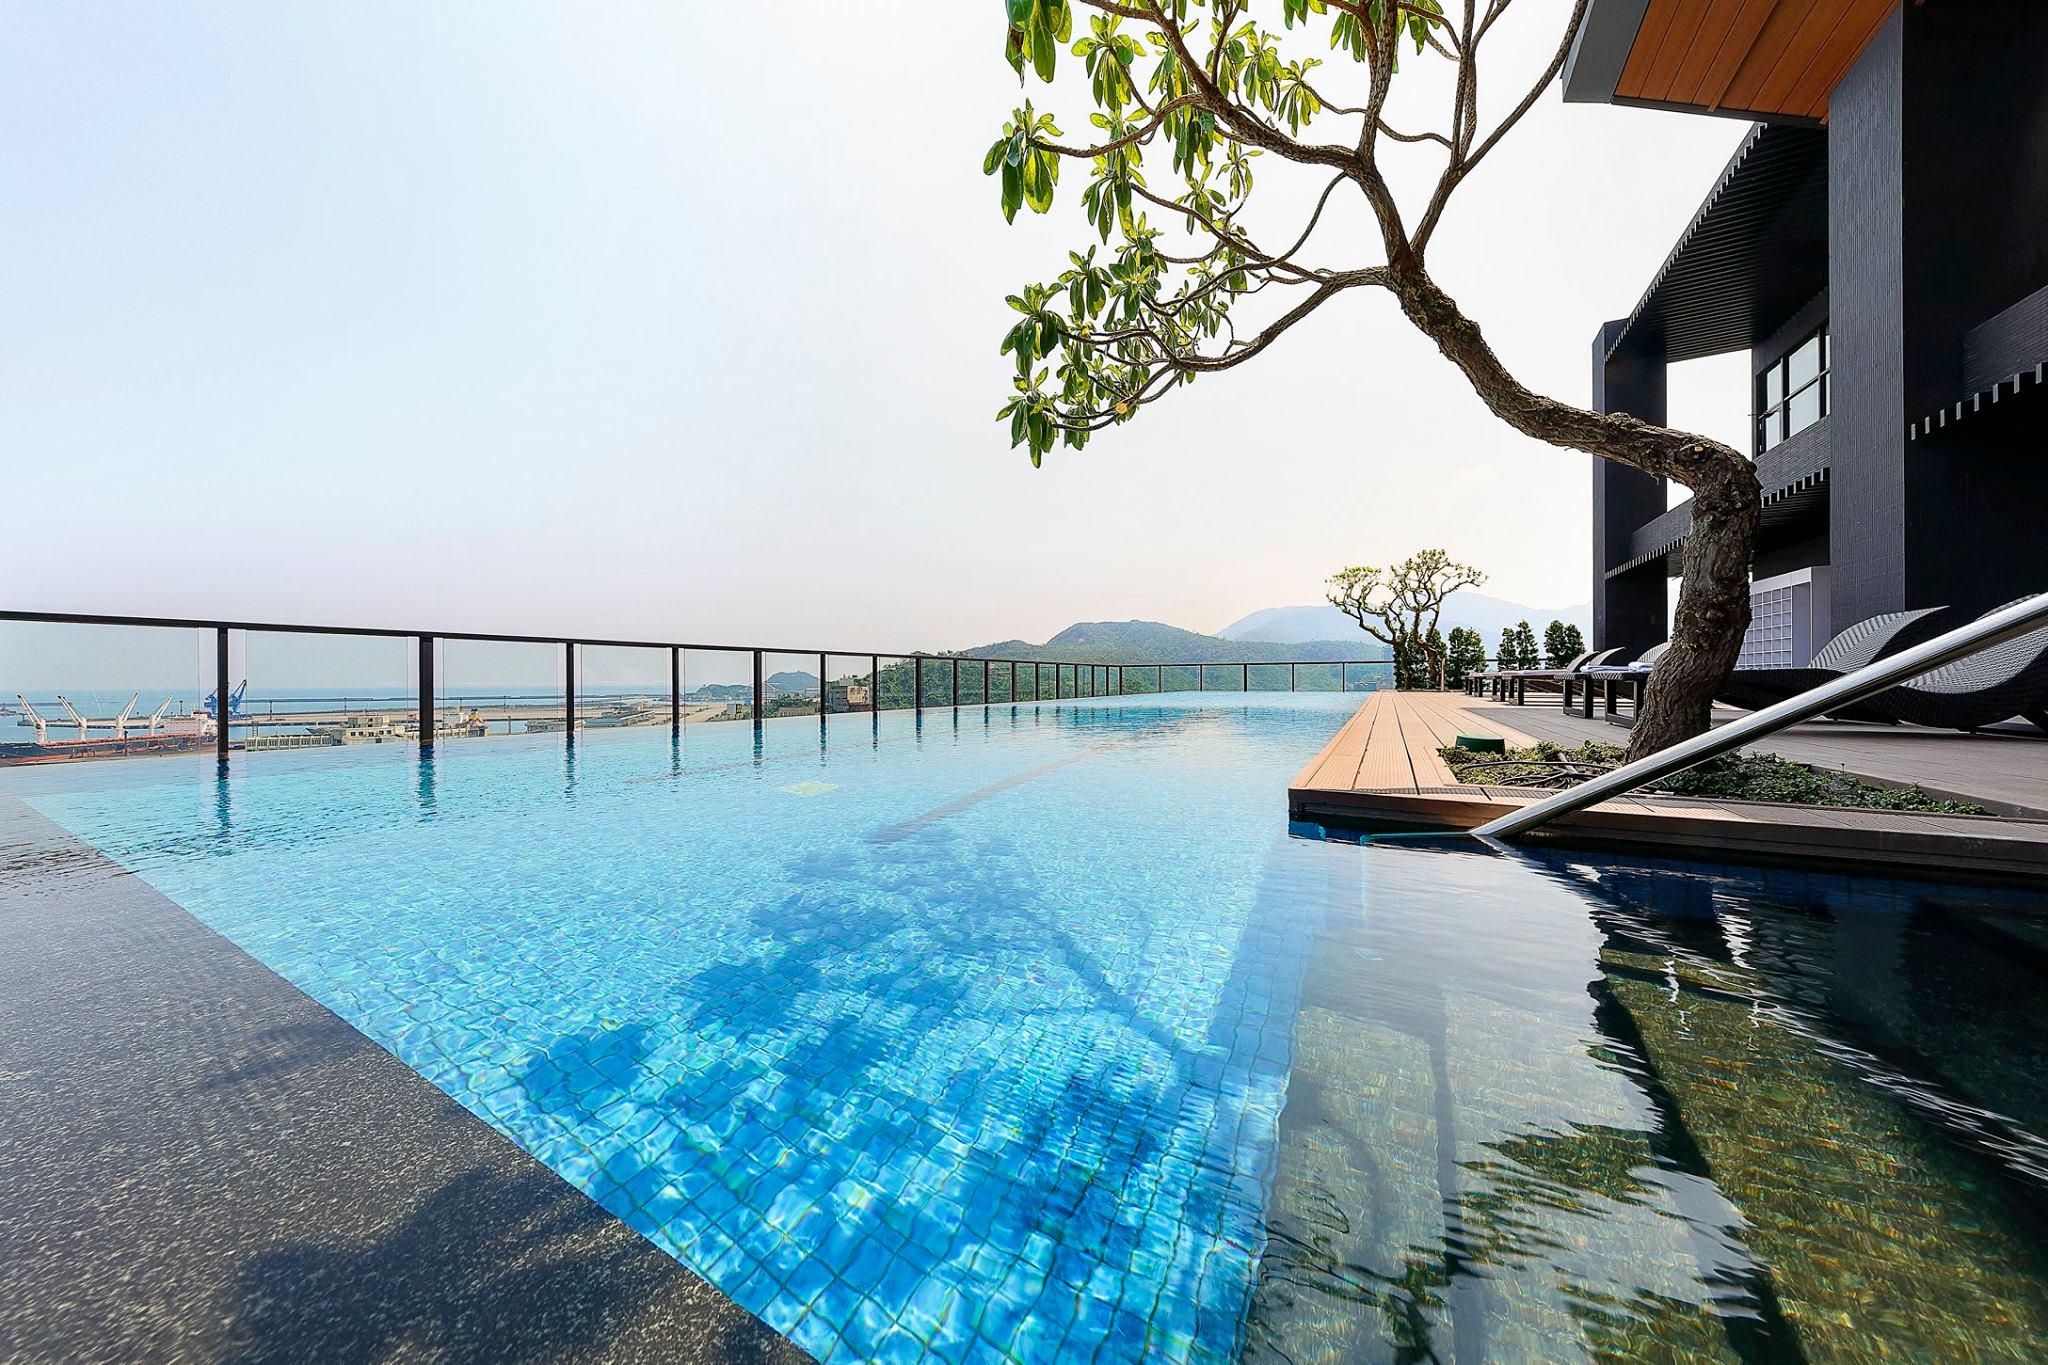 頂樓的川原天幕,設置了無邊際泳池與黃金溫泉池。(圖片來源/雲品溫泉酒店FB粉絲團)